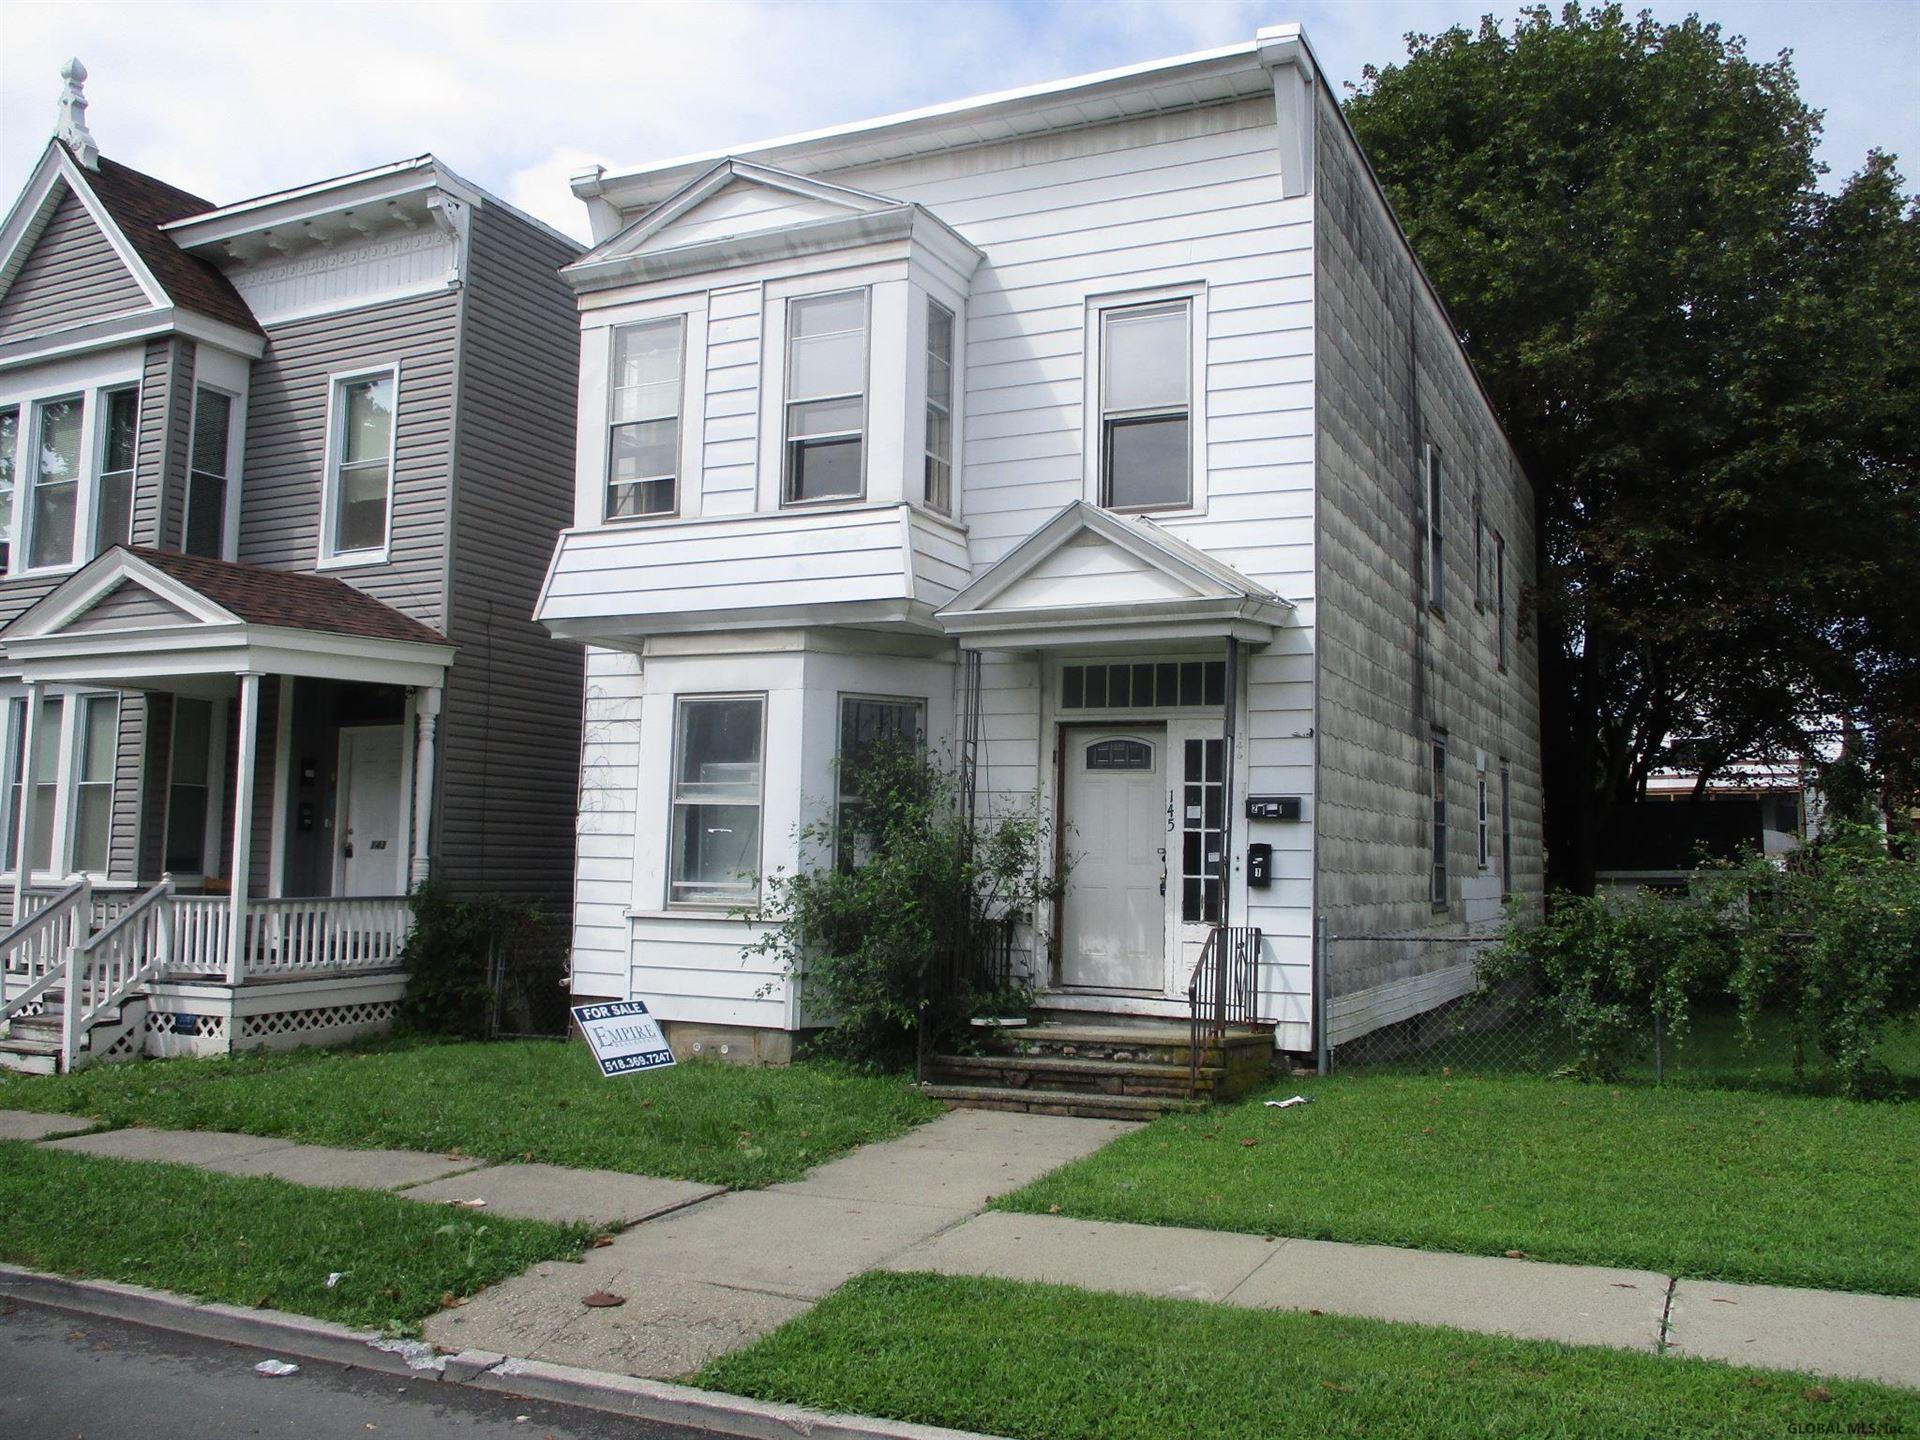 145 6TH AV, Troy, NY 12180 - #: 202121645